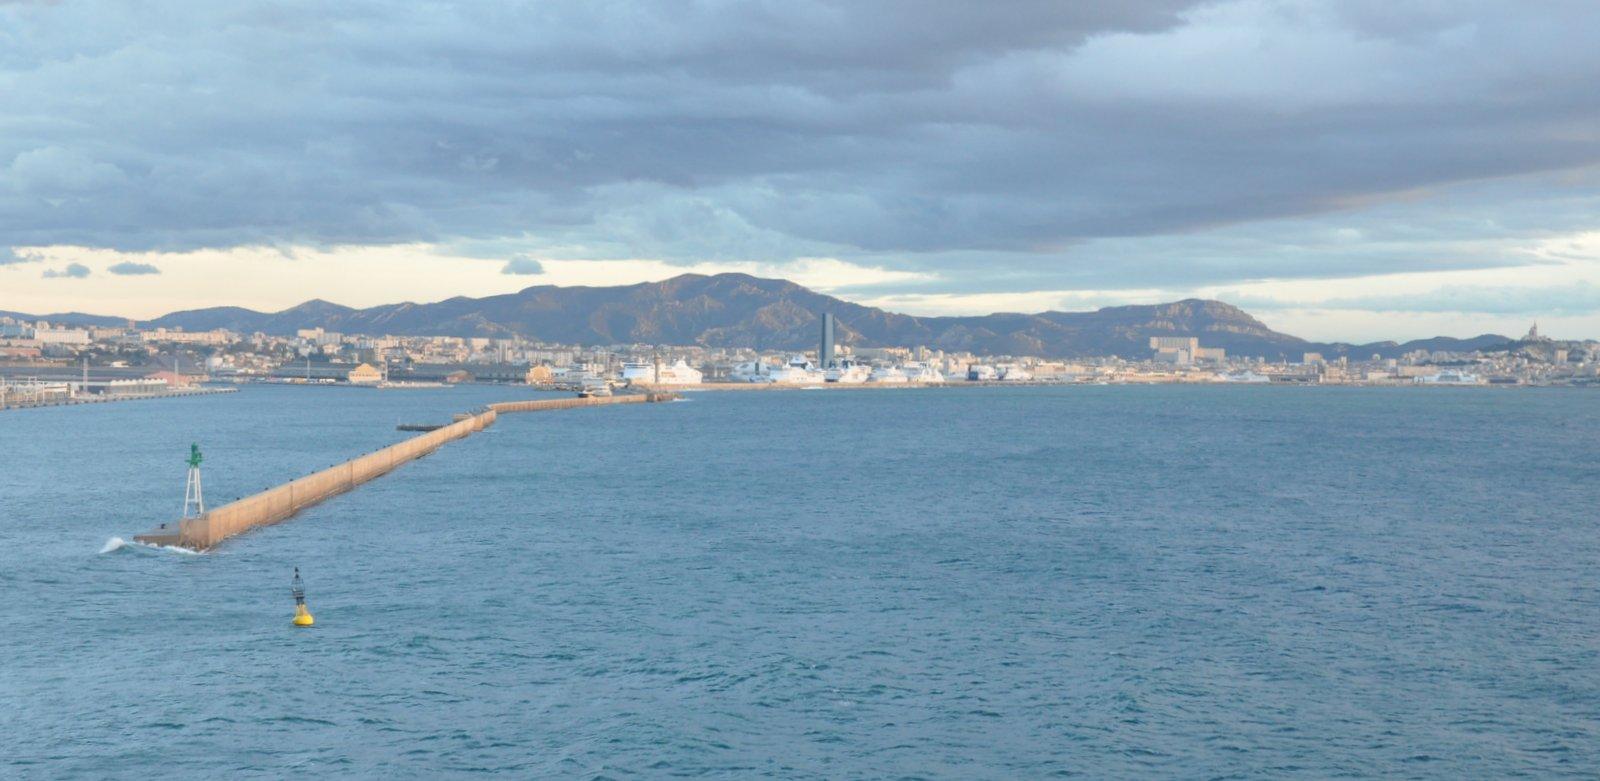 D couvrir florence et g nes en partant en croisi re - Port embarquement croisiere marseille ...